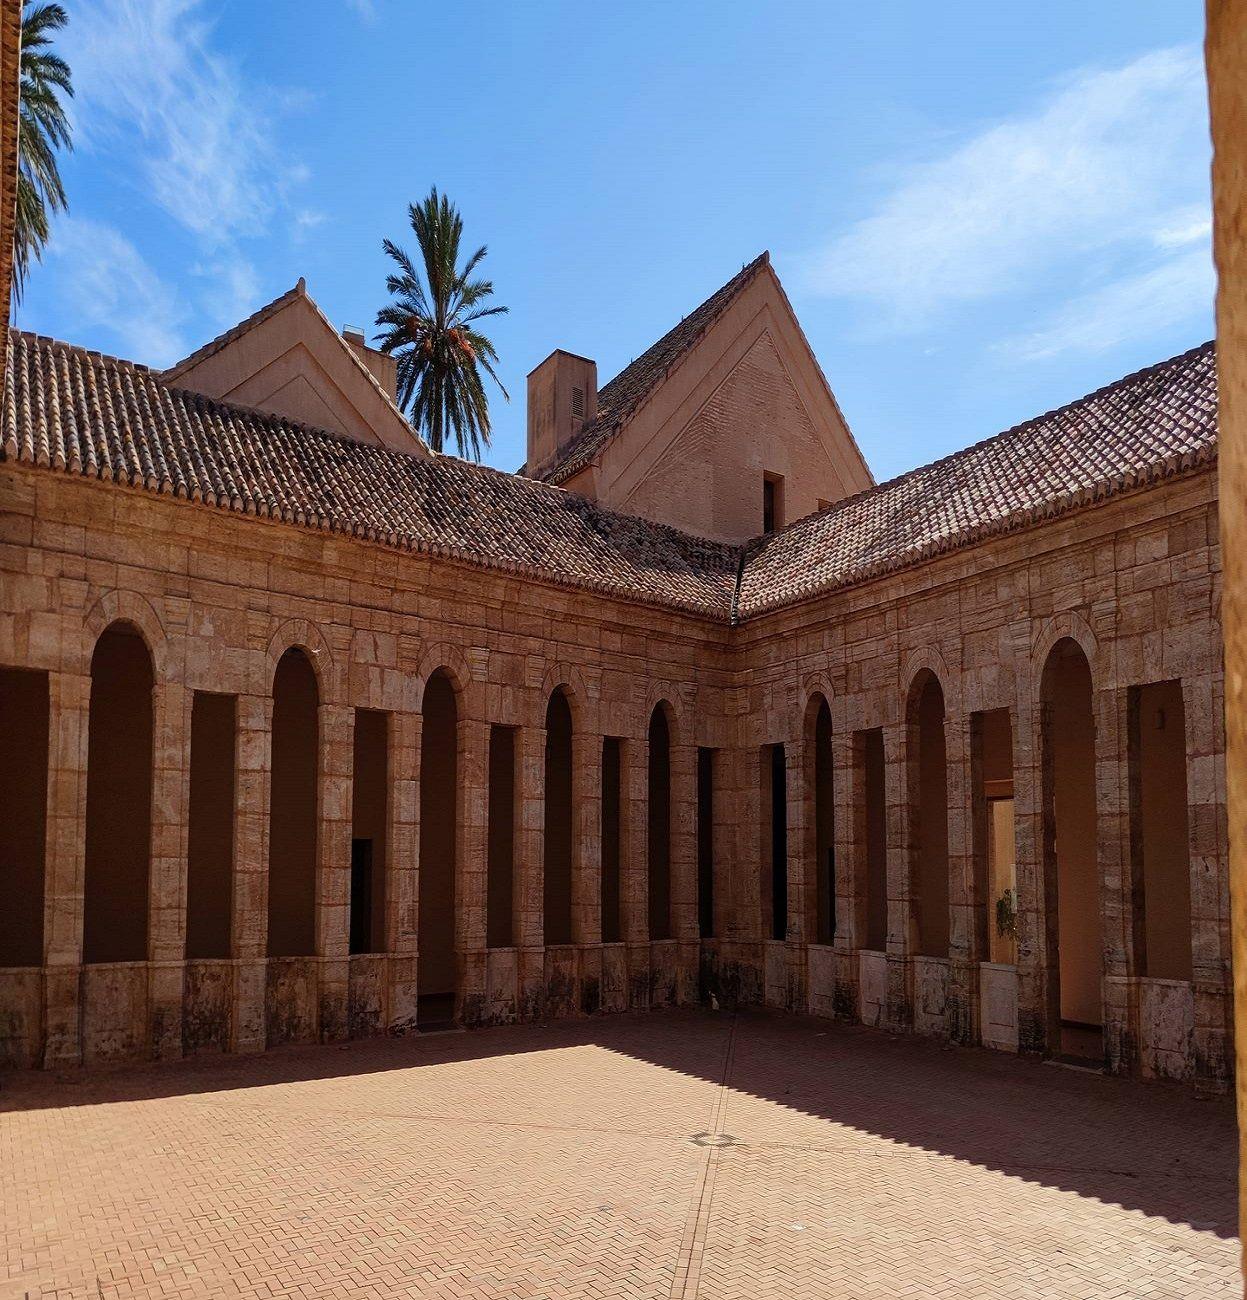 La Cartuja de Ara Christi, una joya arquitectónica en El Puig